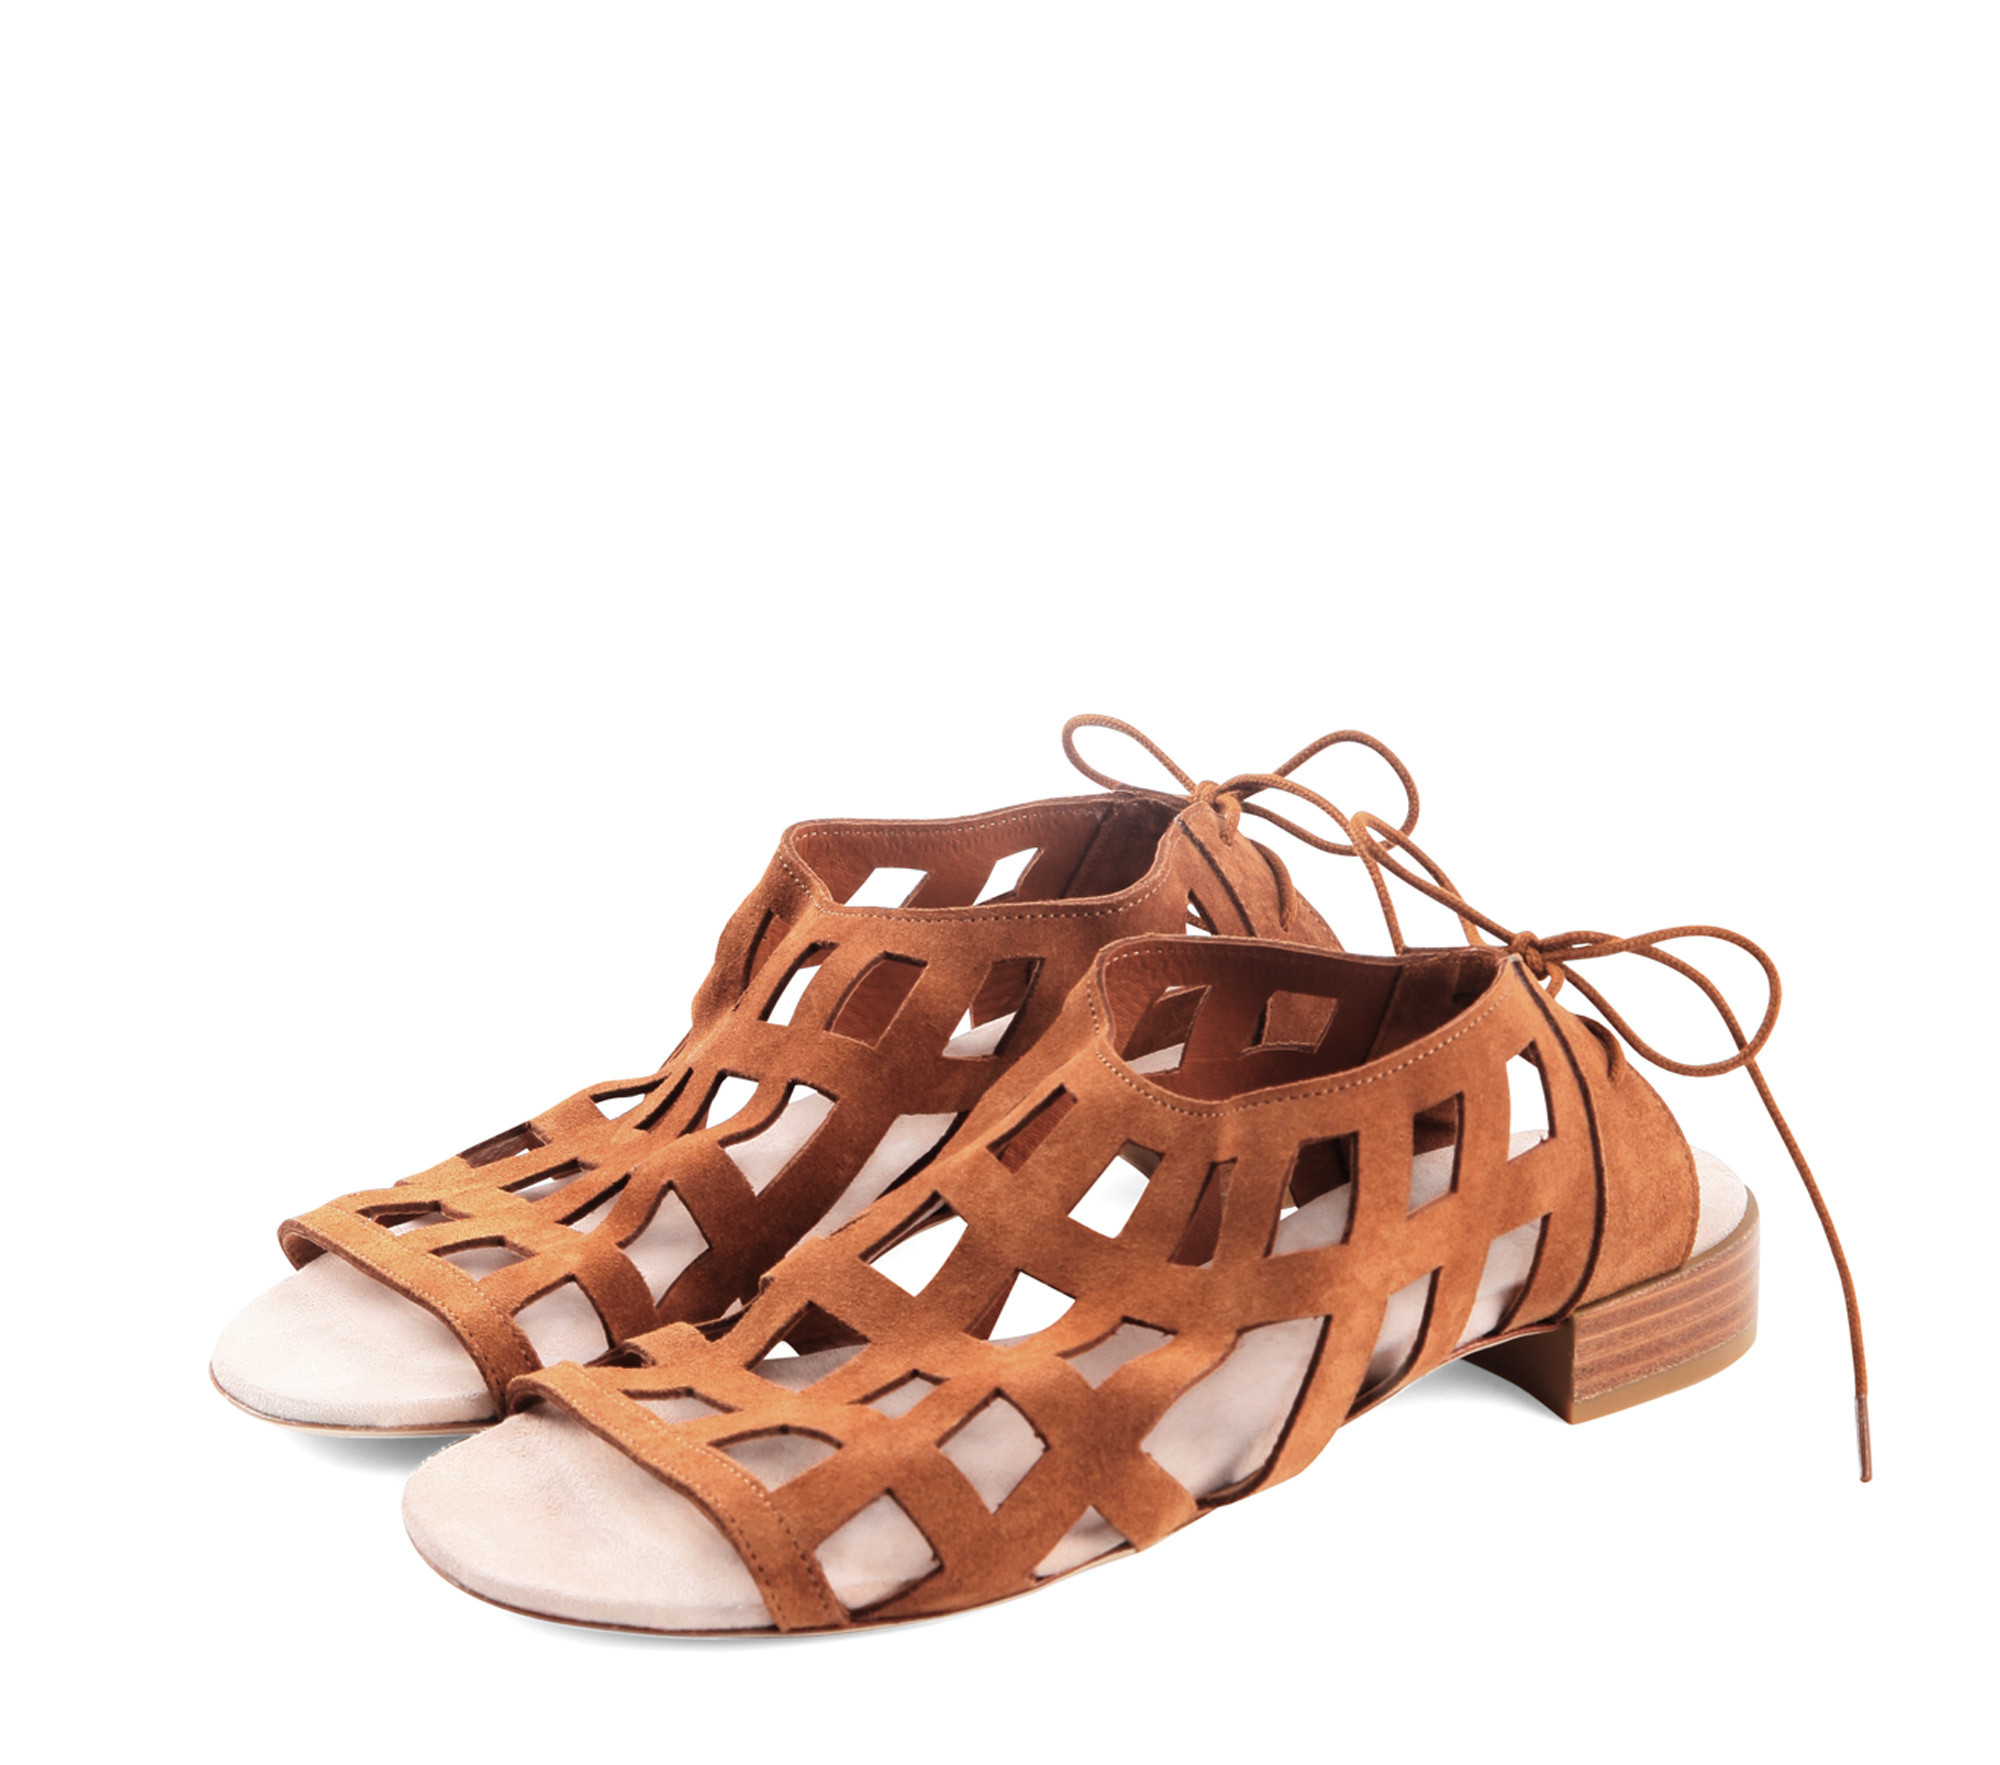 Sandale Ita